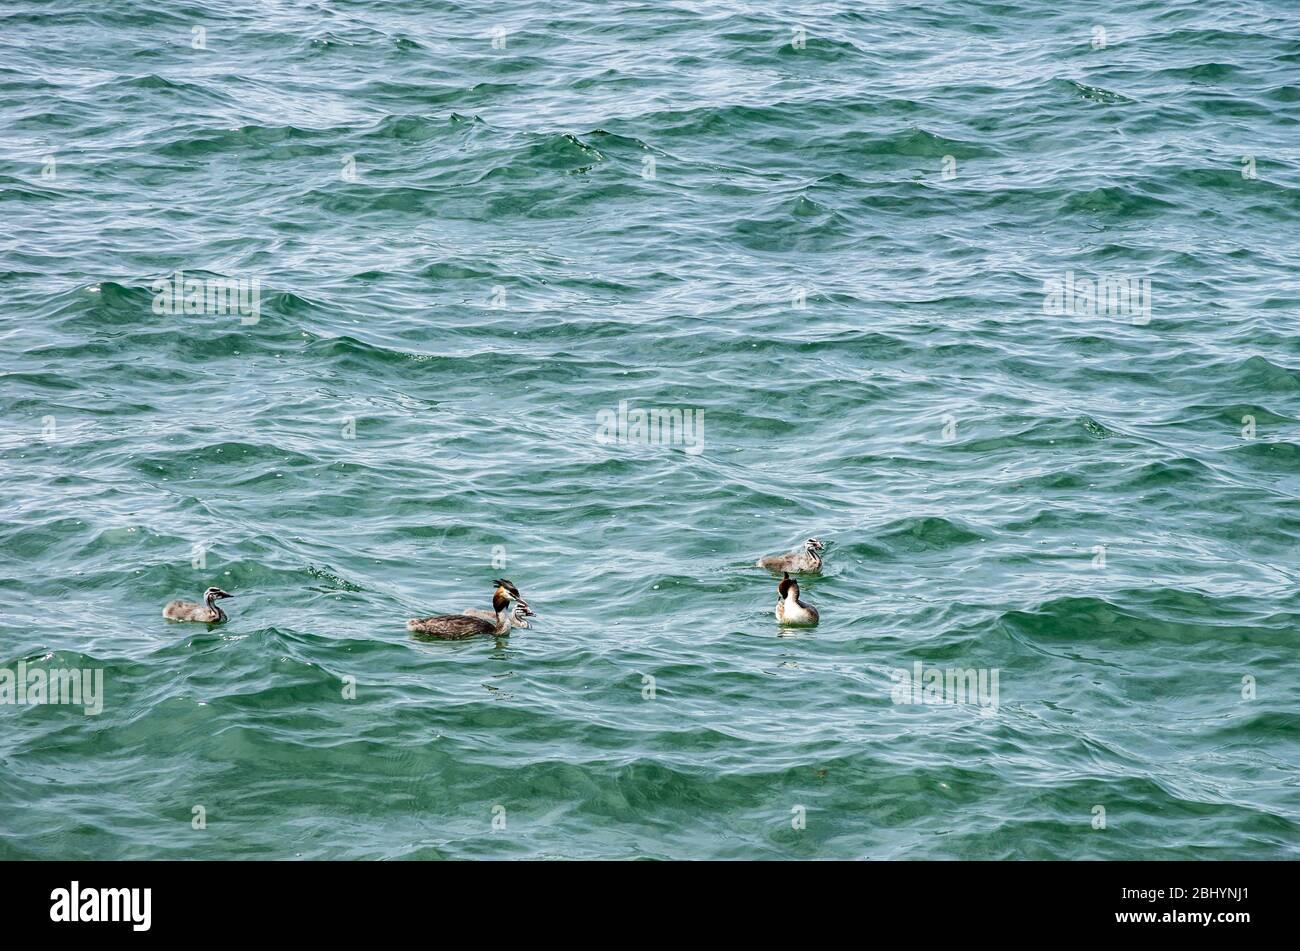 Eine Familie, die auf einem See schwimmt. Haubentaucherfamilie schwimmt auf einem See. Stockfoto